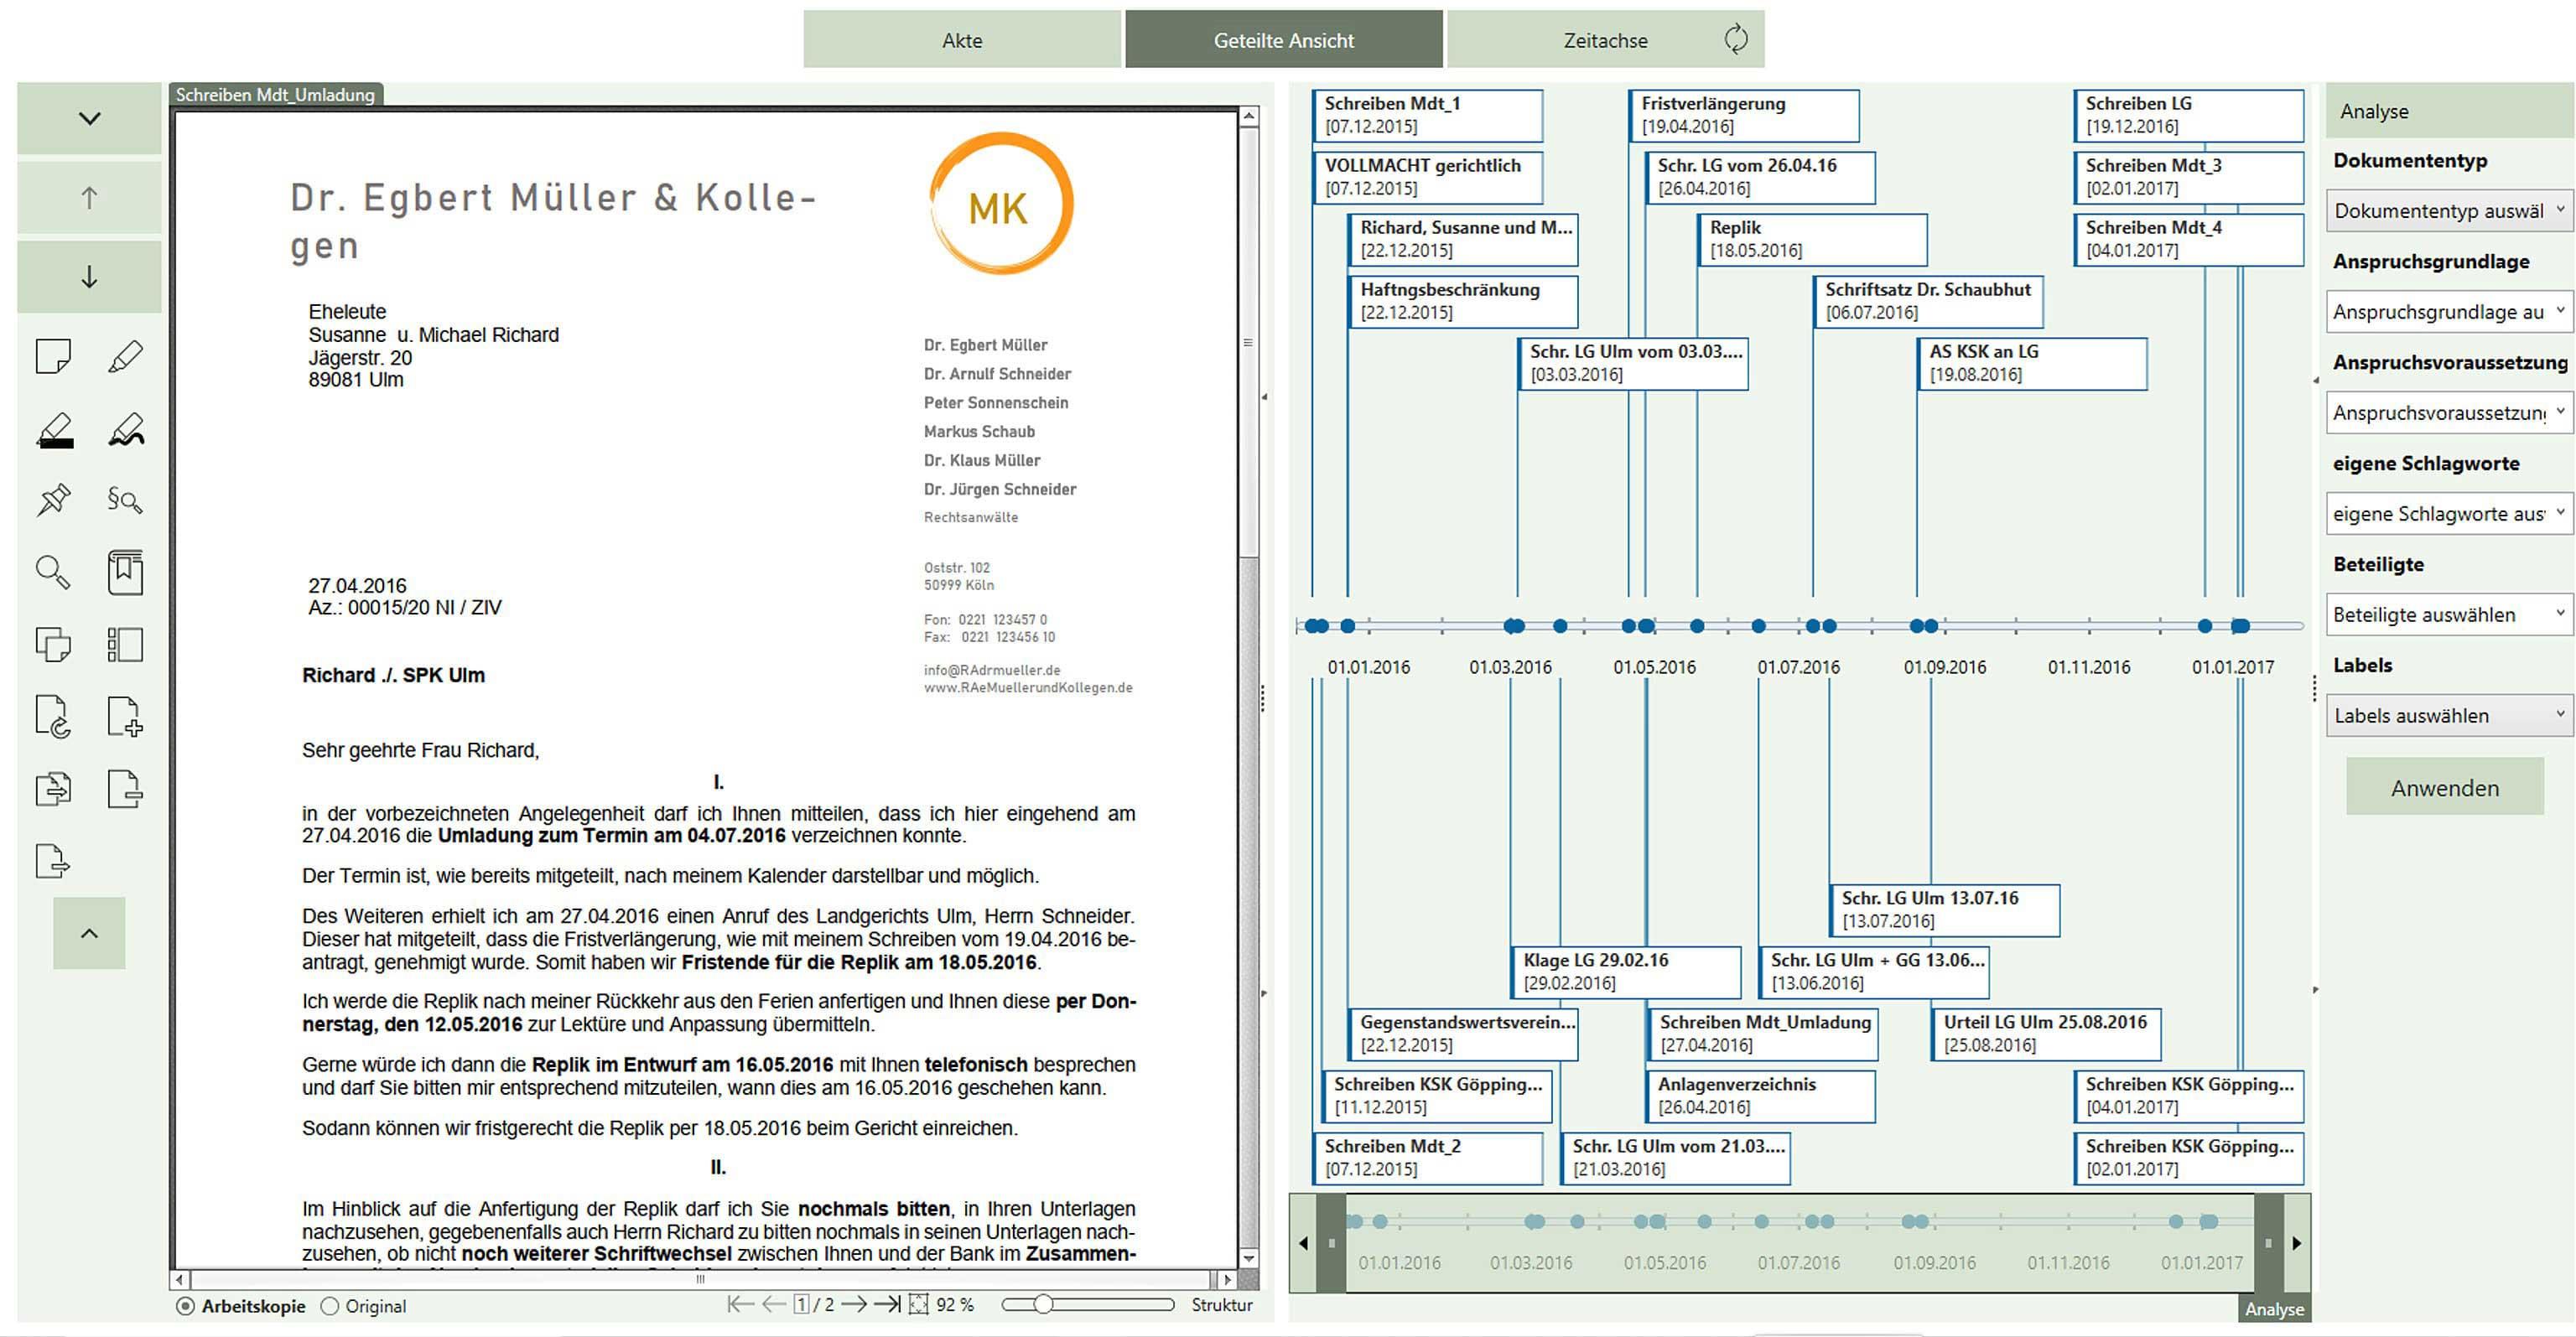 Zeitstrahl der AnNoText smarten AnwaltsAkte erlaubt einfaches Überblicken eines Sachverhaltes